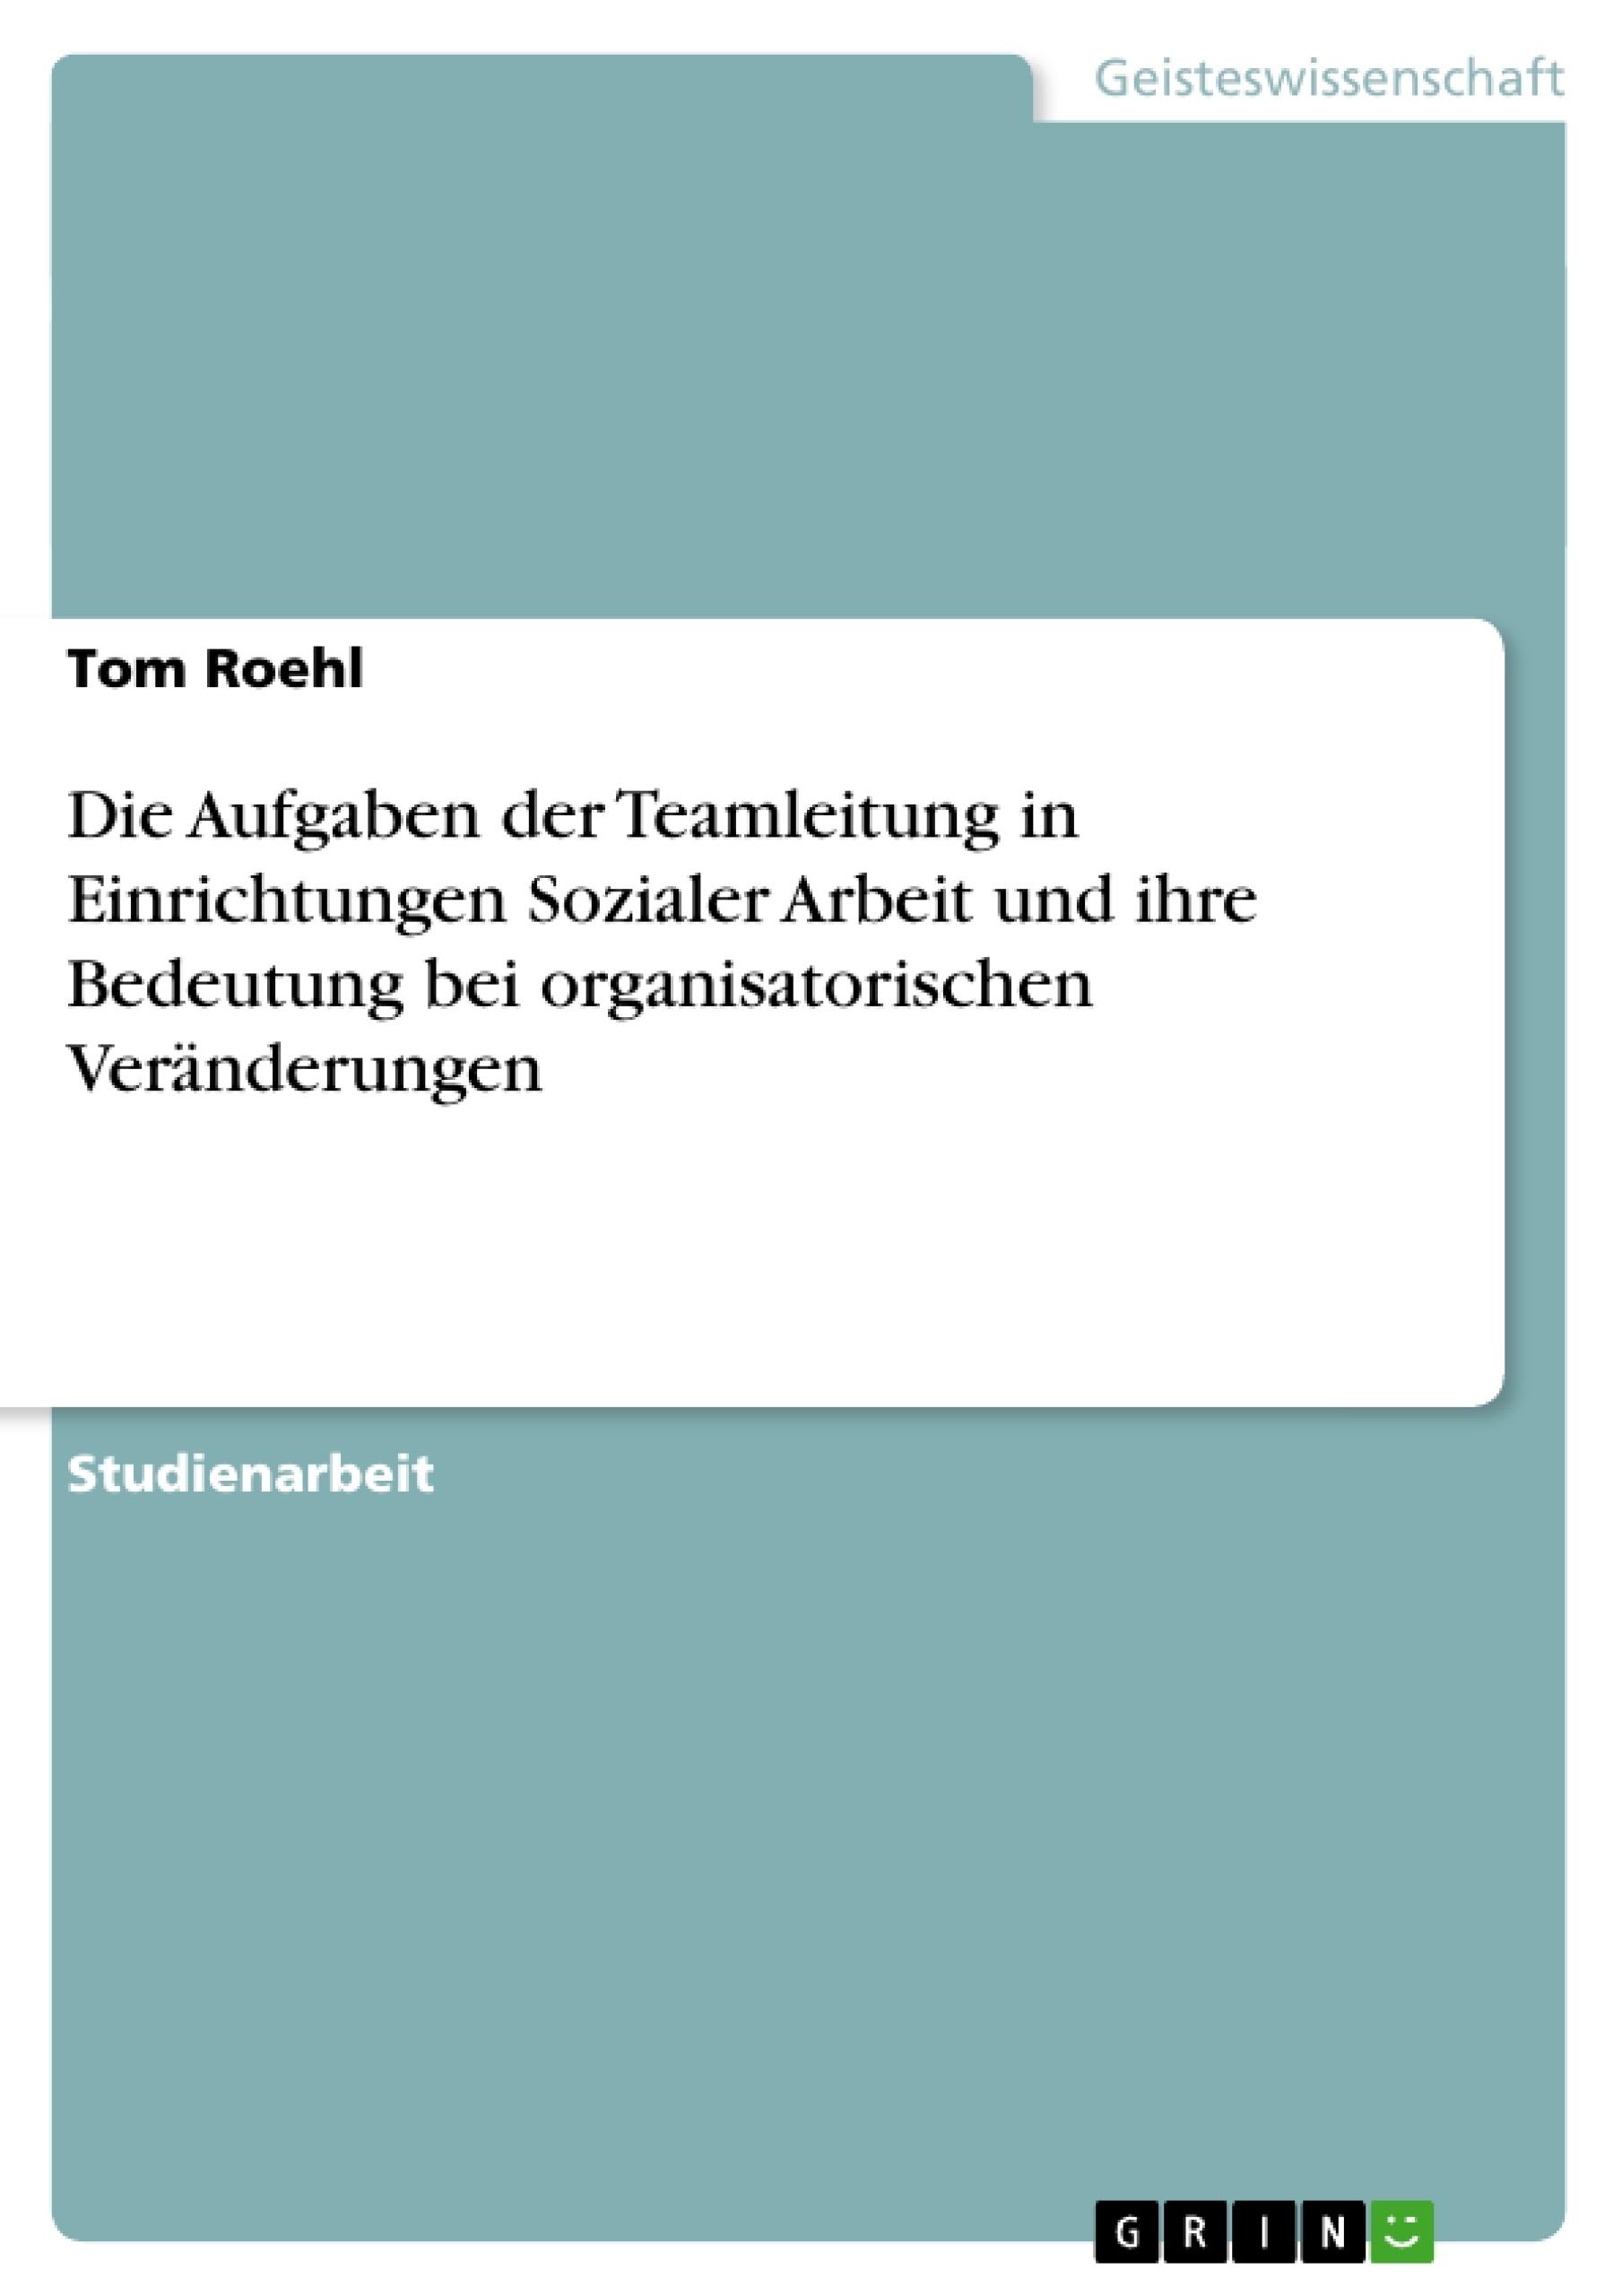 Titel: Die Aufgaben der Teamleitung in Einrichtungen Sozialer Arbeit und ihre Bedeutung bei organisatorischen Veränderungen